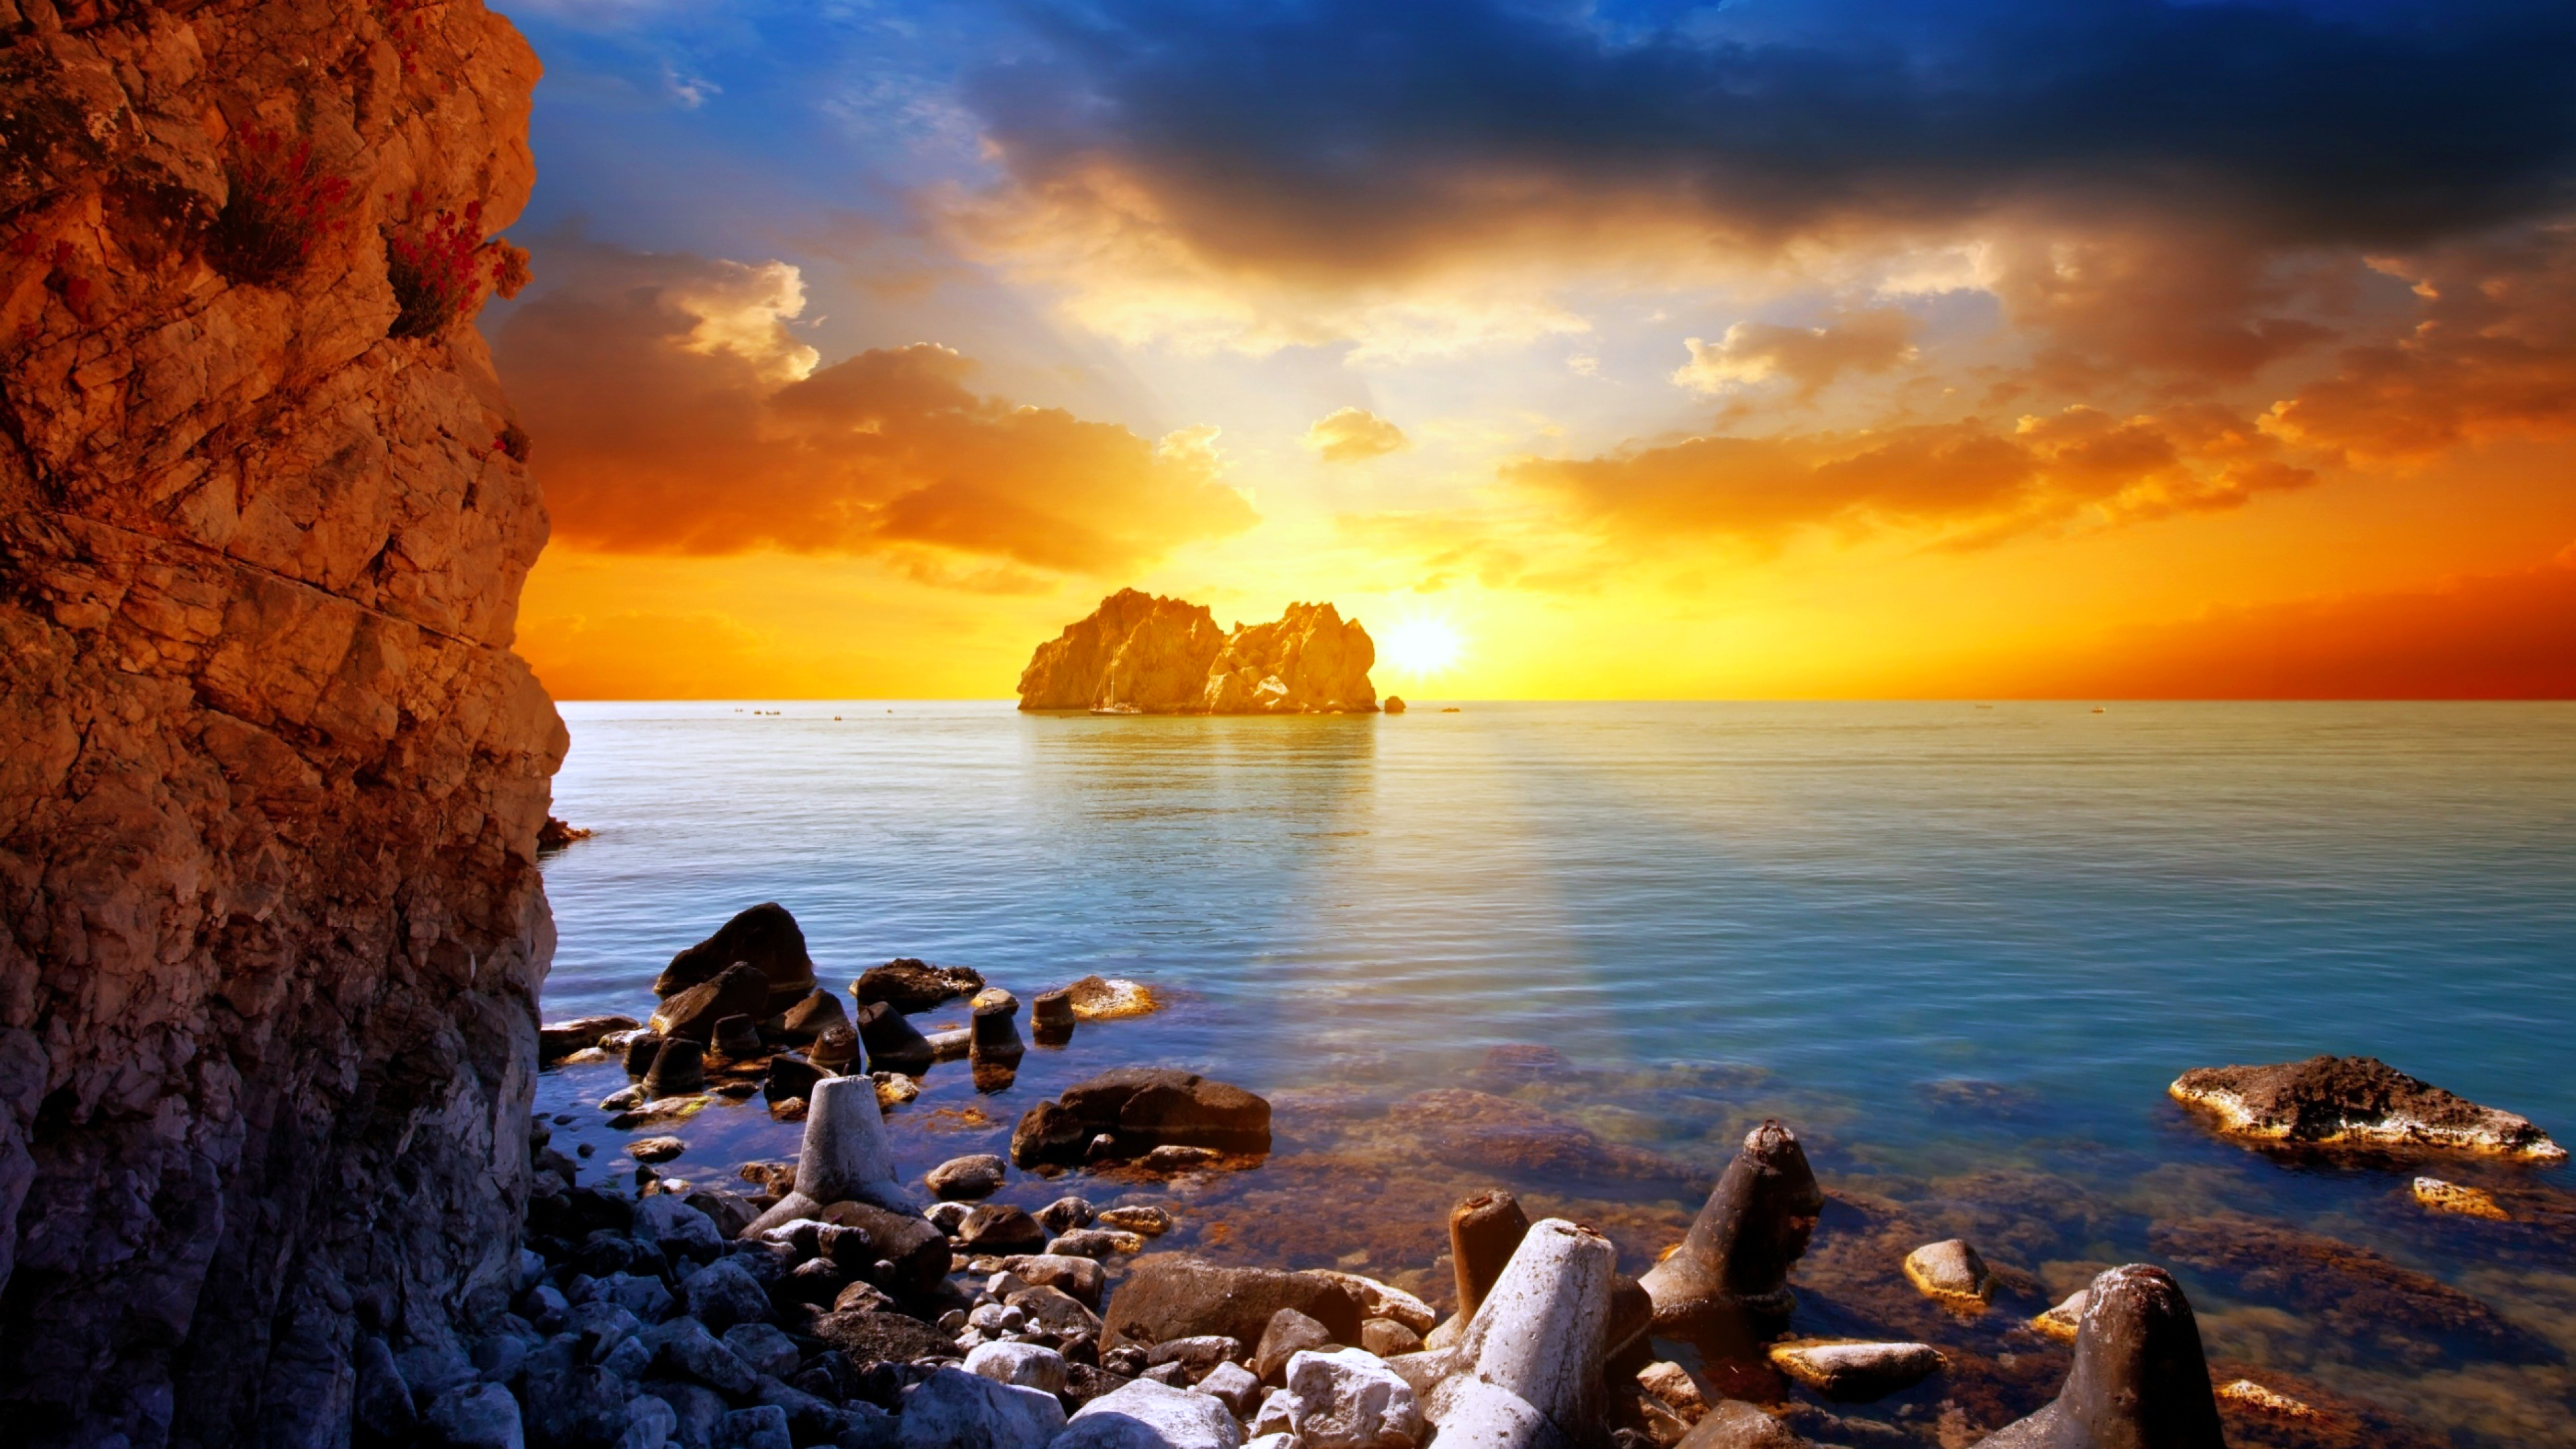 Картинки лето море солнце пляж крым, приколы картинки пожелания